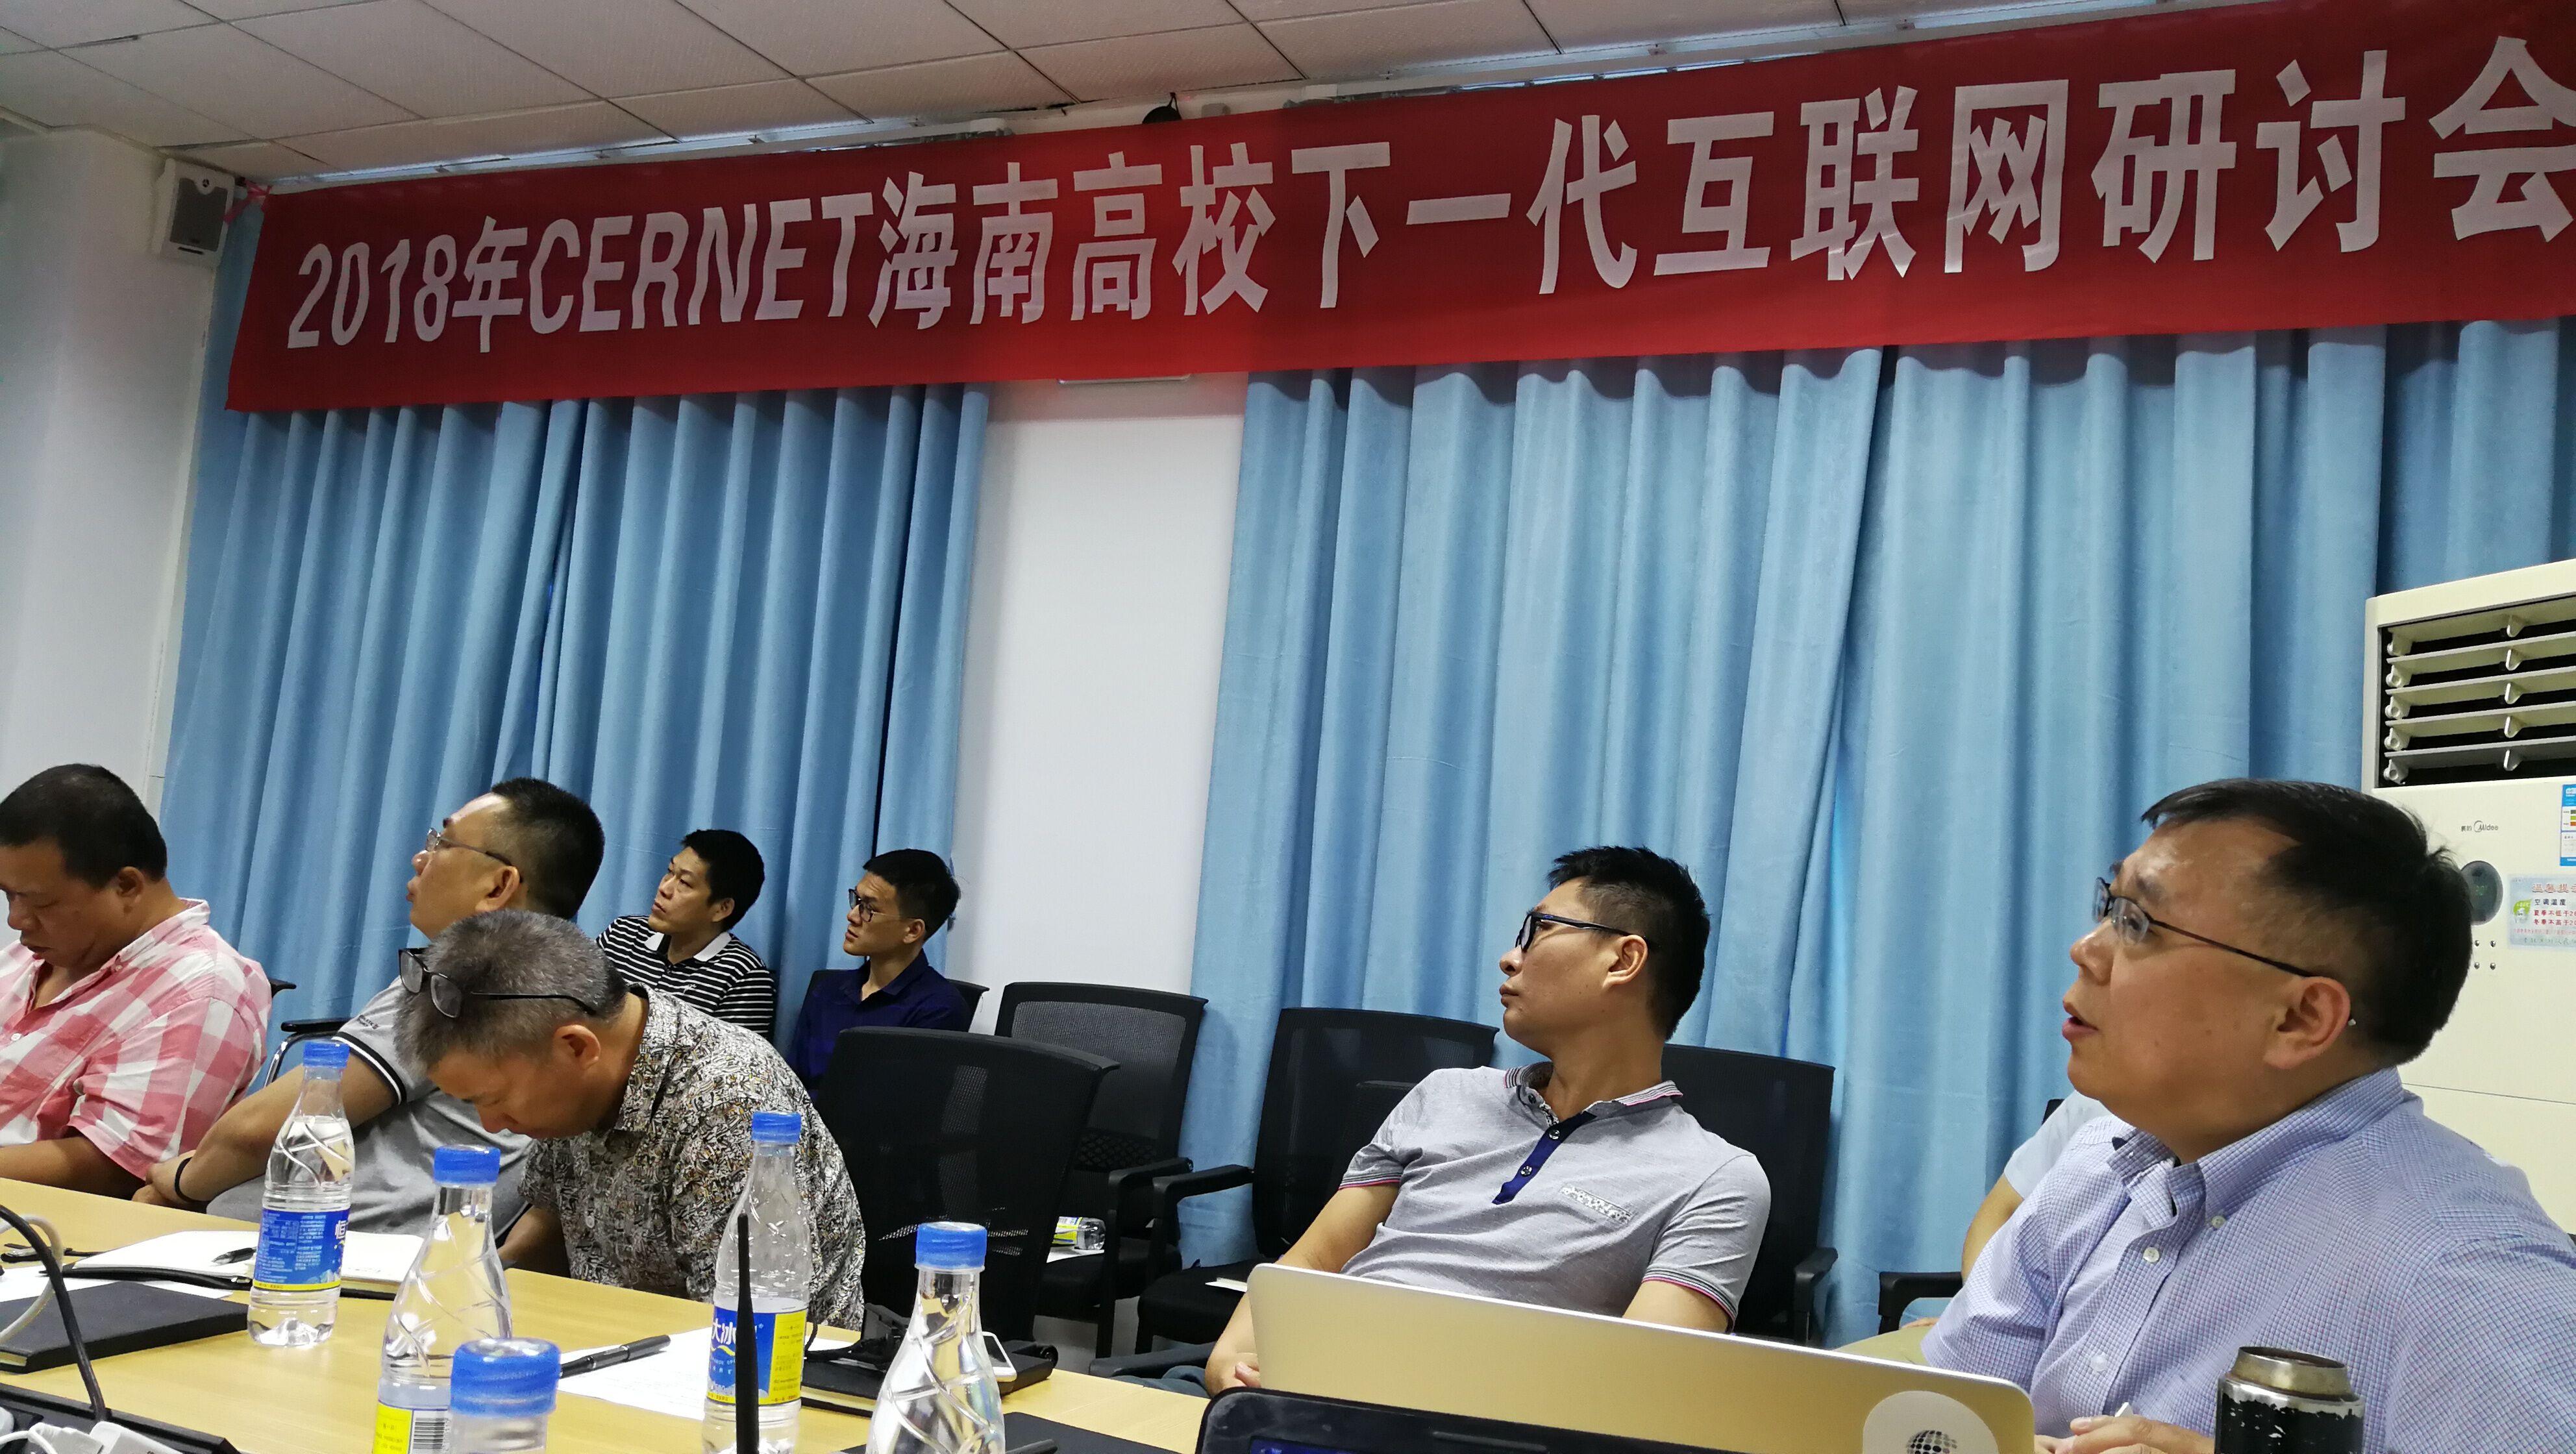 2018年海南省高校信息化建设研讨会暨《推进下一代互联网协议第六版(IPv6)规模部署行